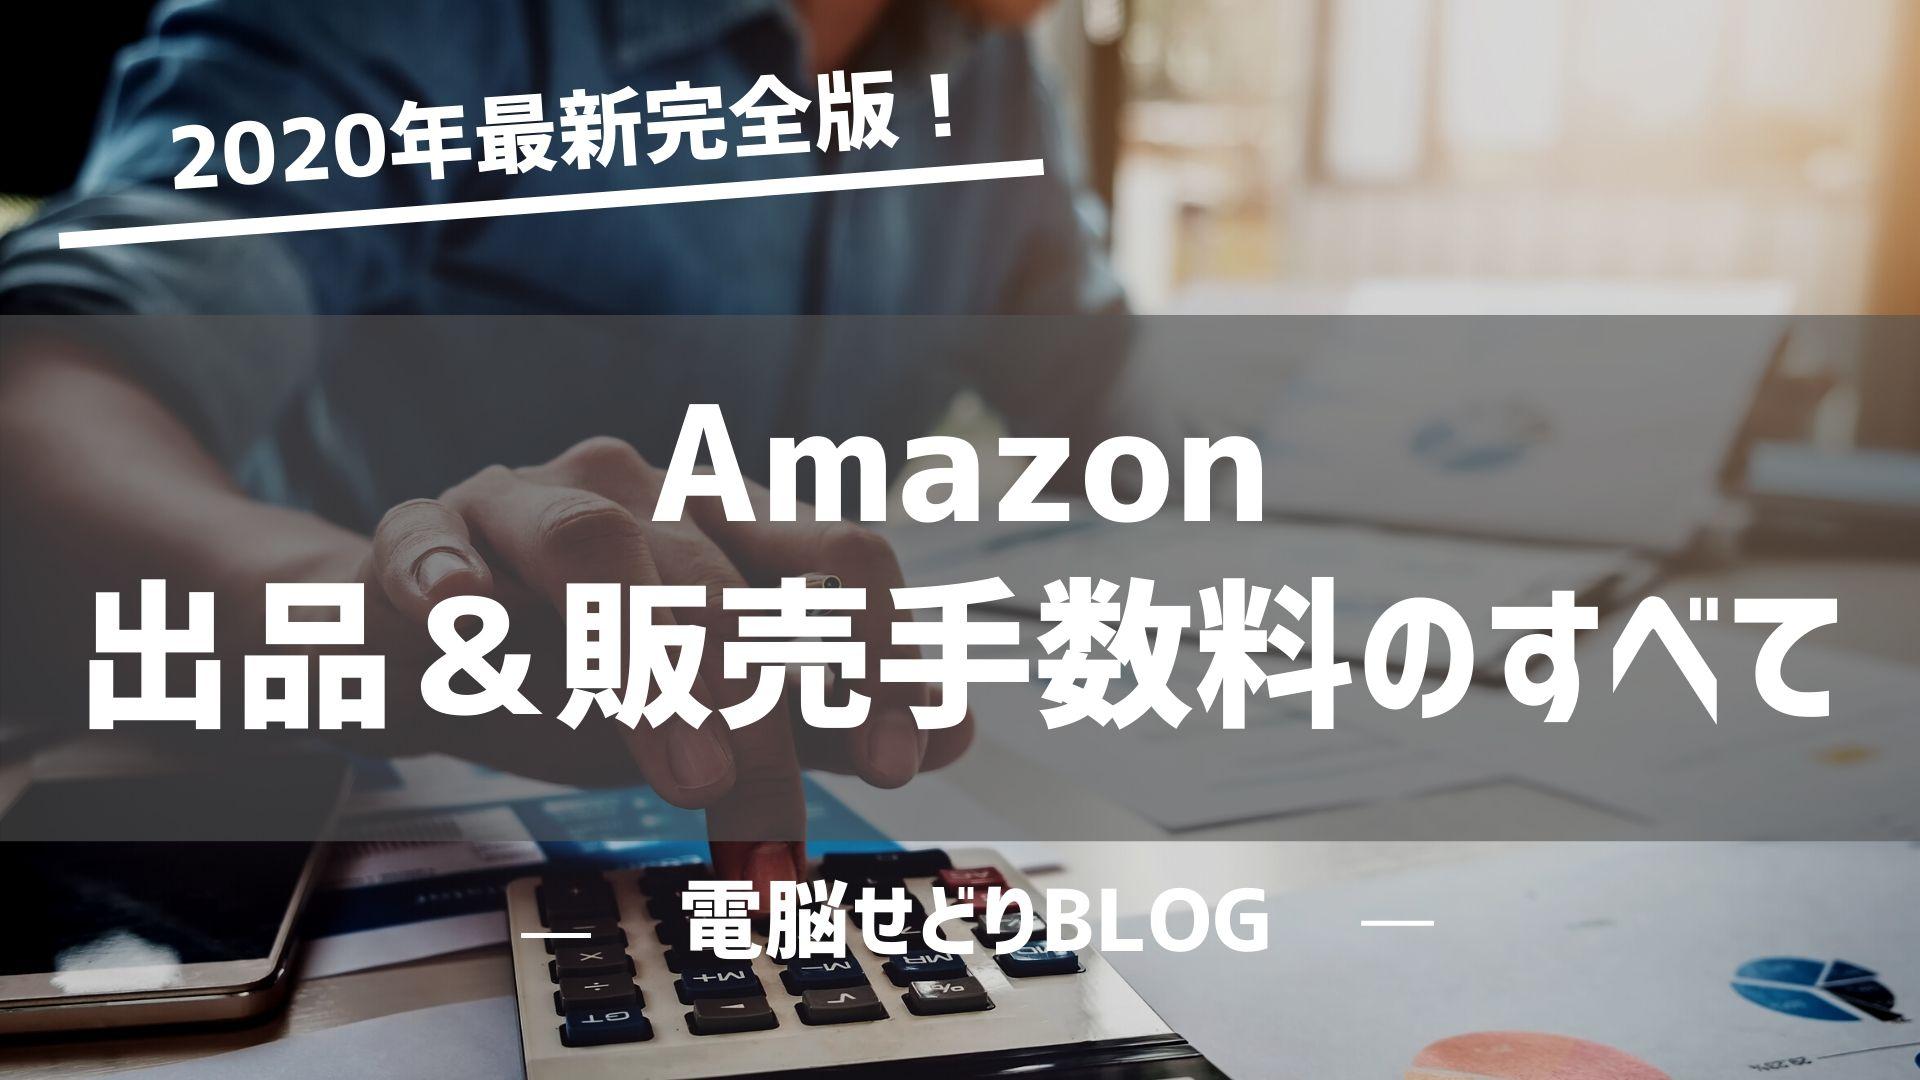 【2020年最新版】Amazon出品手数料&販売手数料の仕組み。手数料の計算方法も解説します!